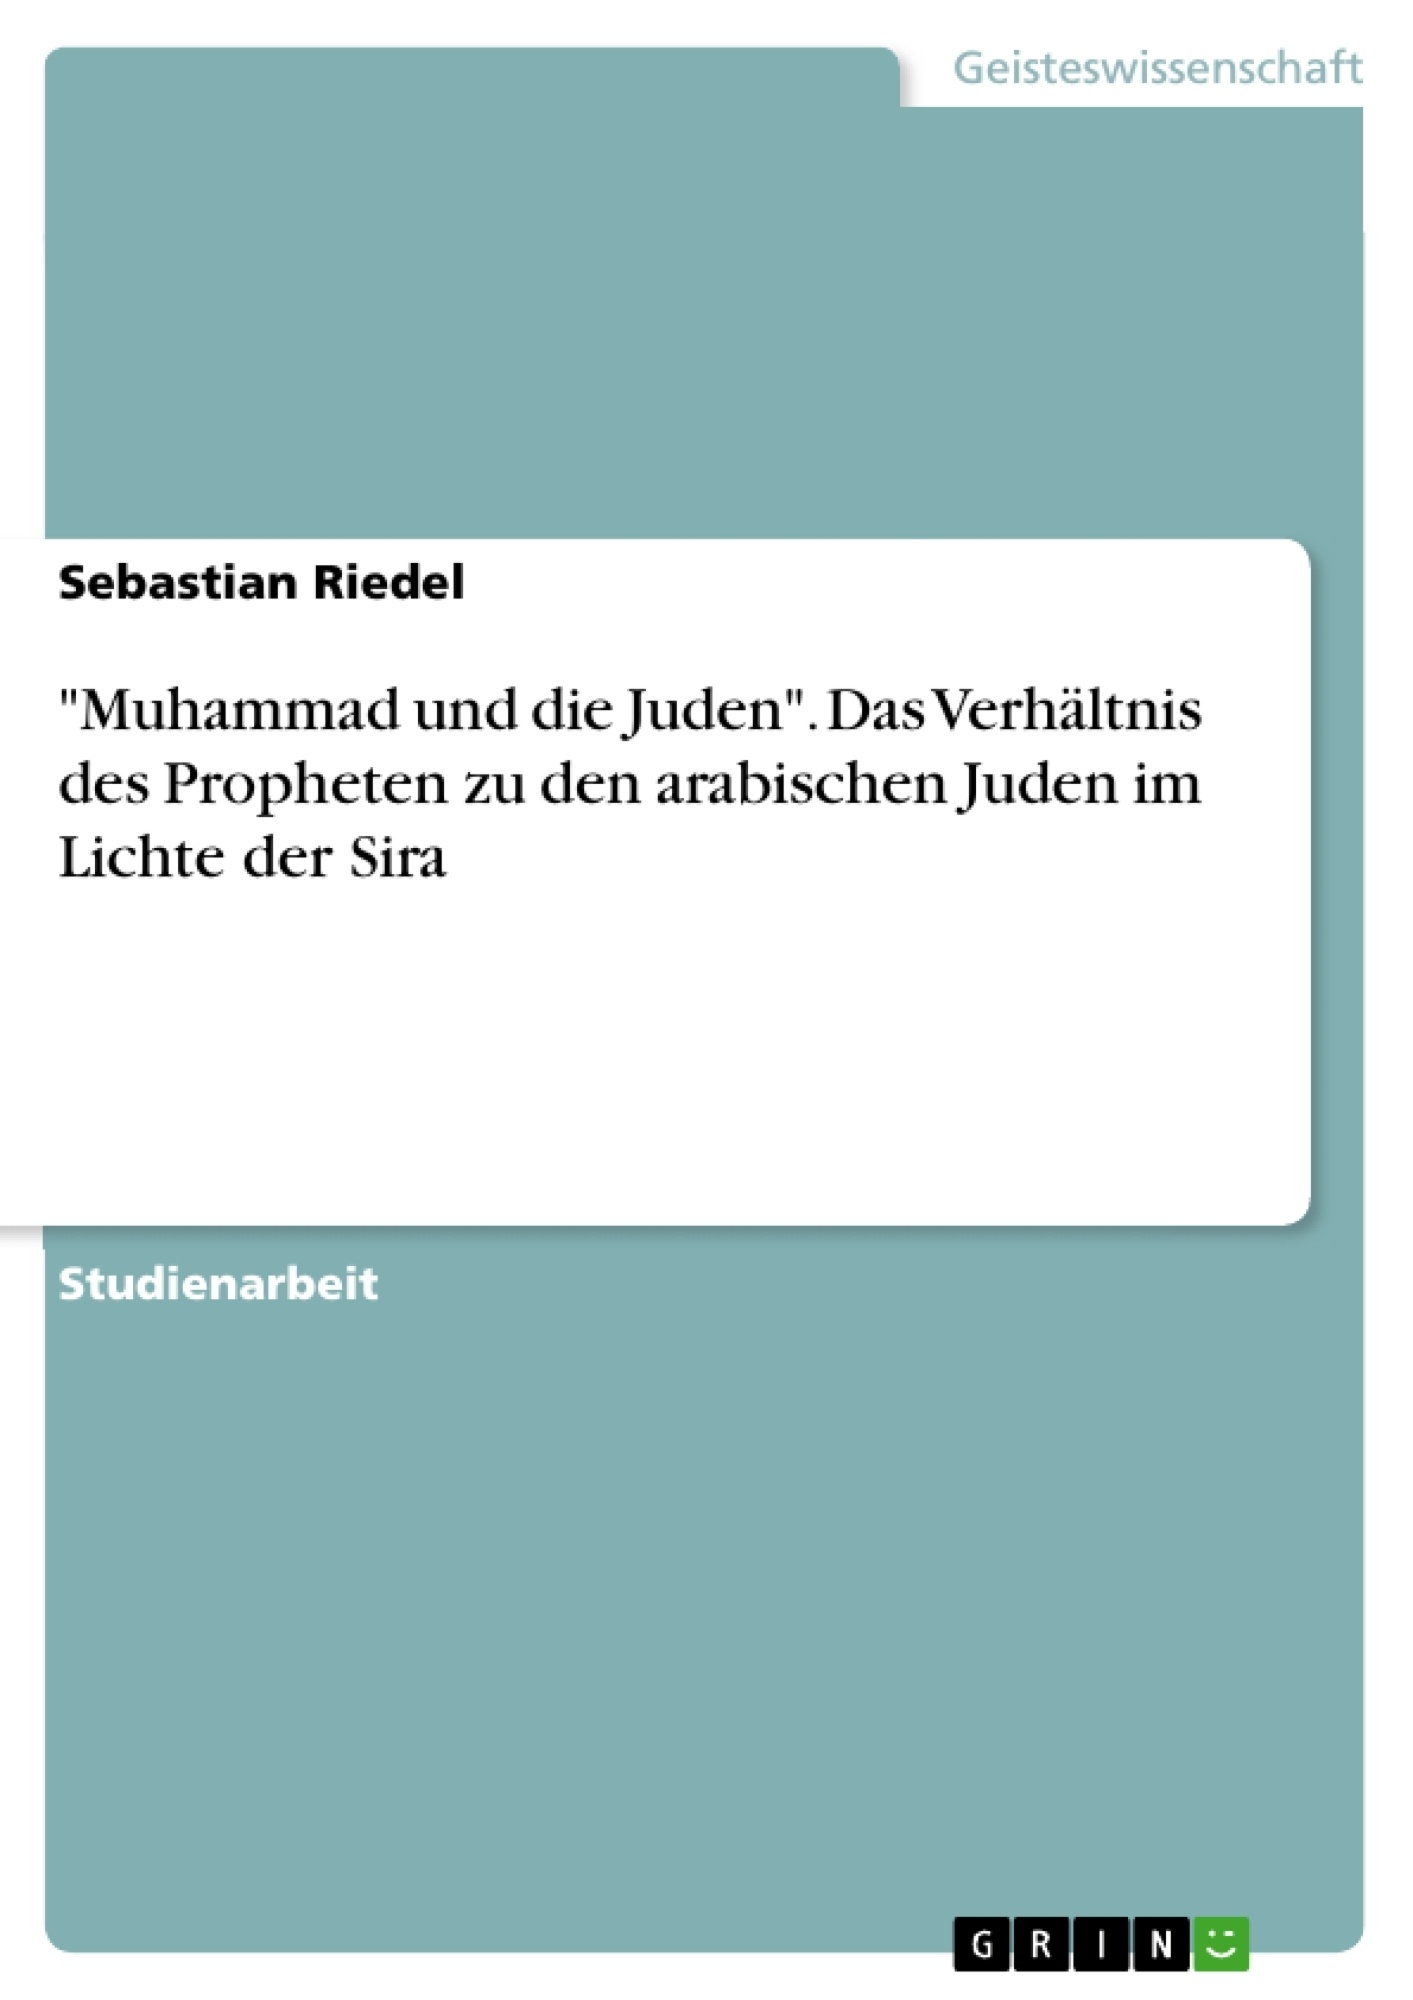 """Titel: """"Muhammad und die Juden"""". Das Verhältnis des Propheten zu den arabischen Juden im Lichte der Sira"""